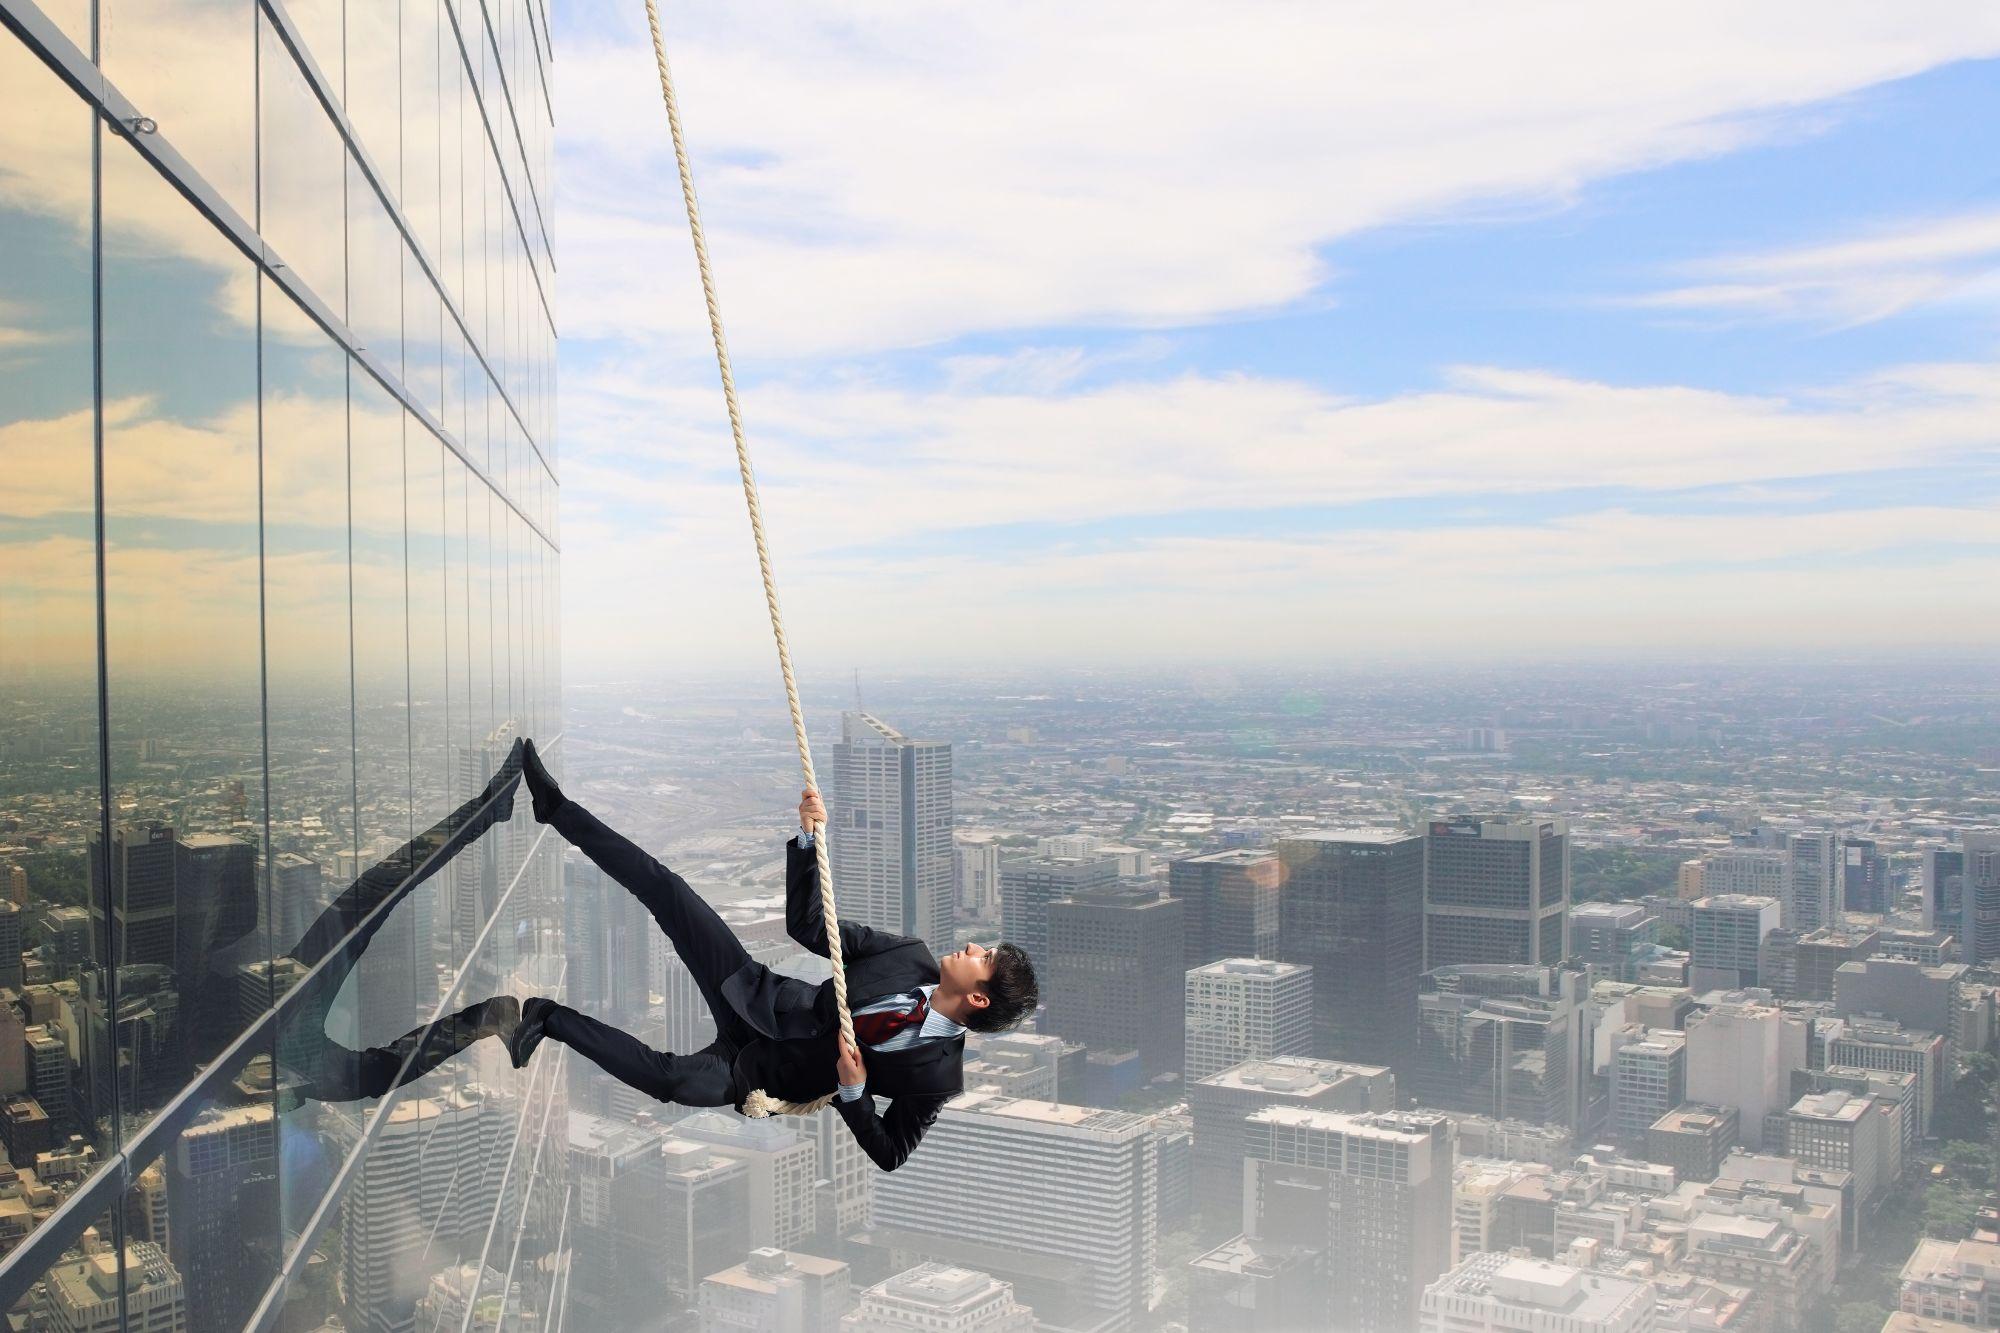 איש עסקים מטפס על קיר, אילוסטרציה למסע אל העמוד הראשון בגוגל